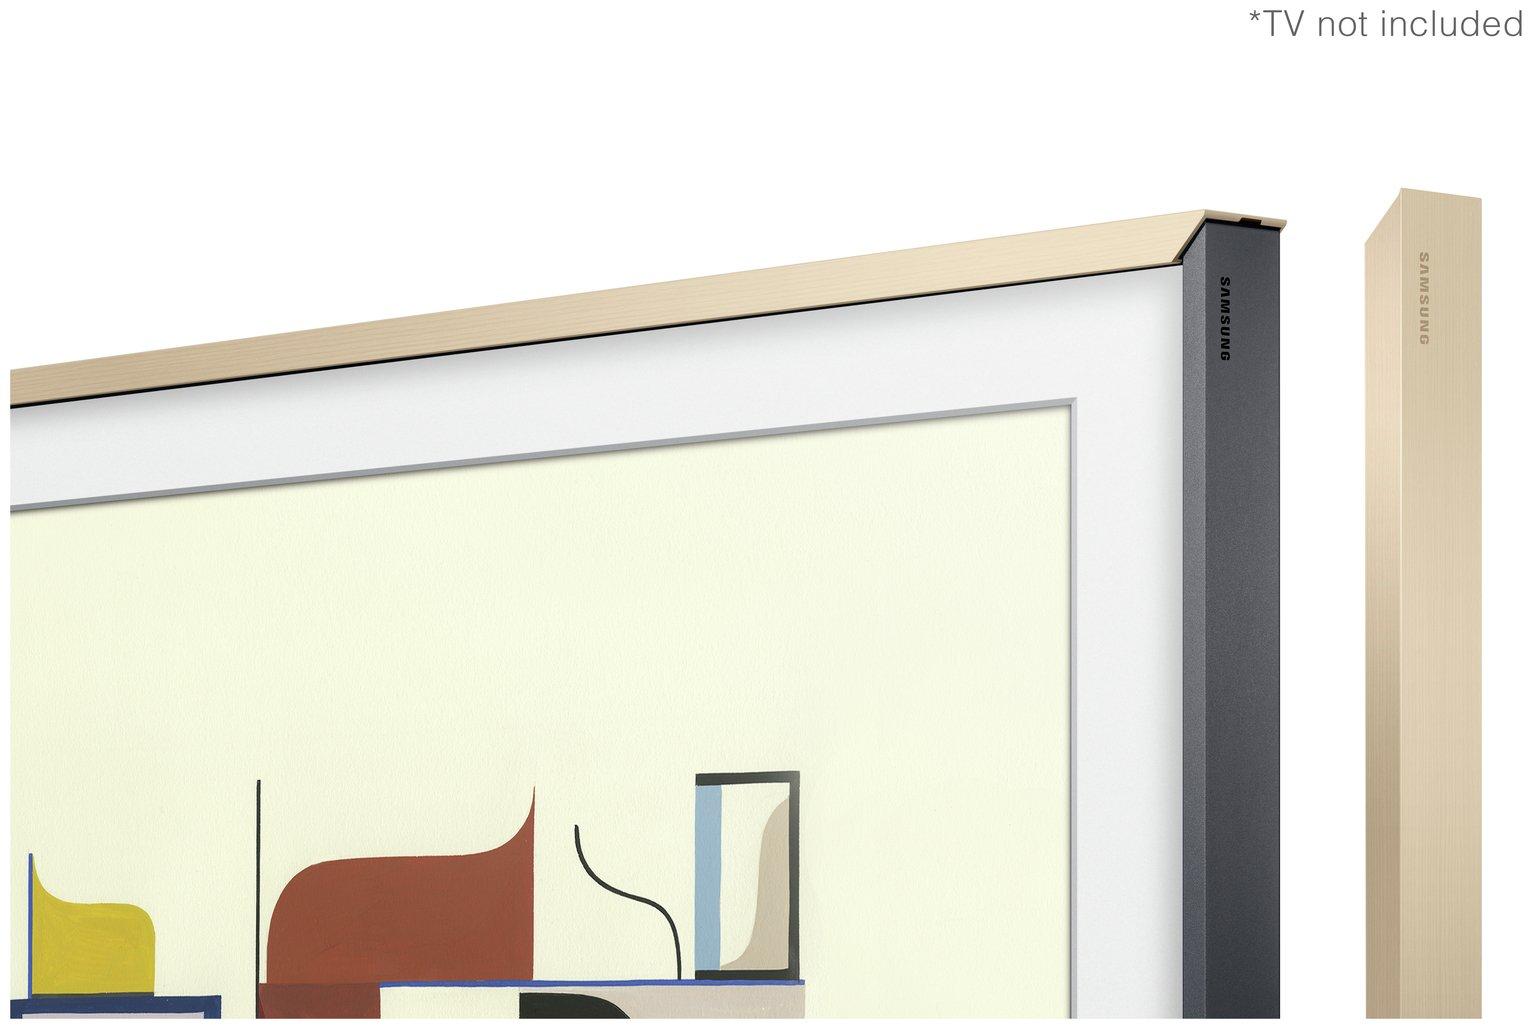 Samsung Customisable Bezel for The Frame 43 Inch TV - Beige